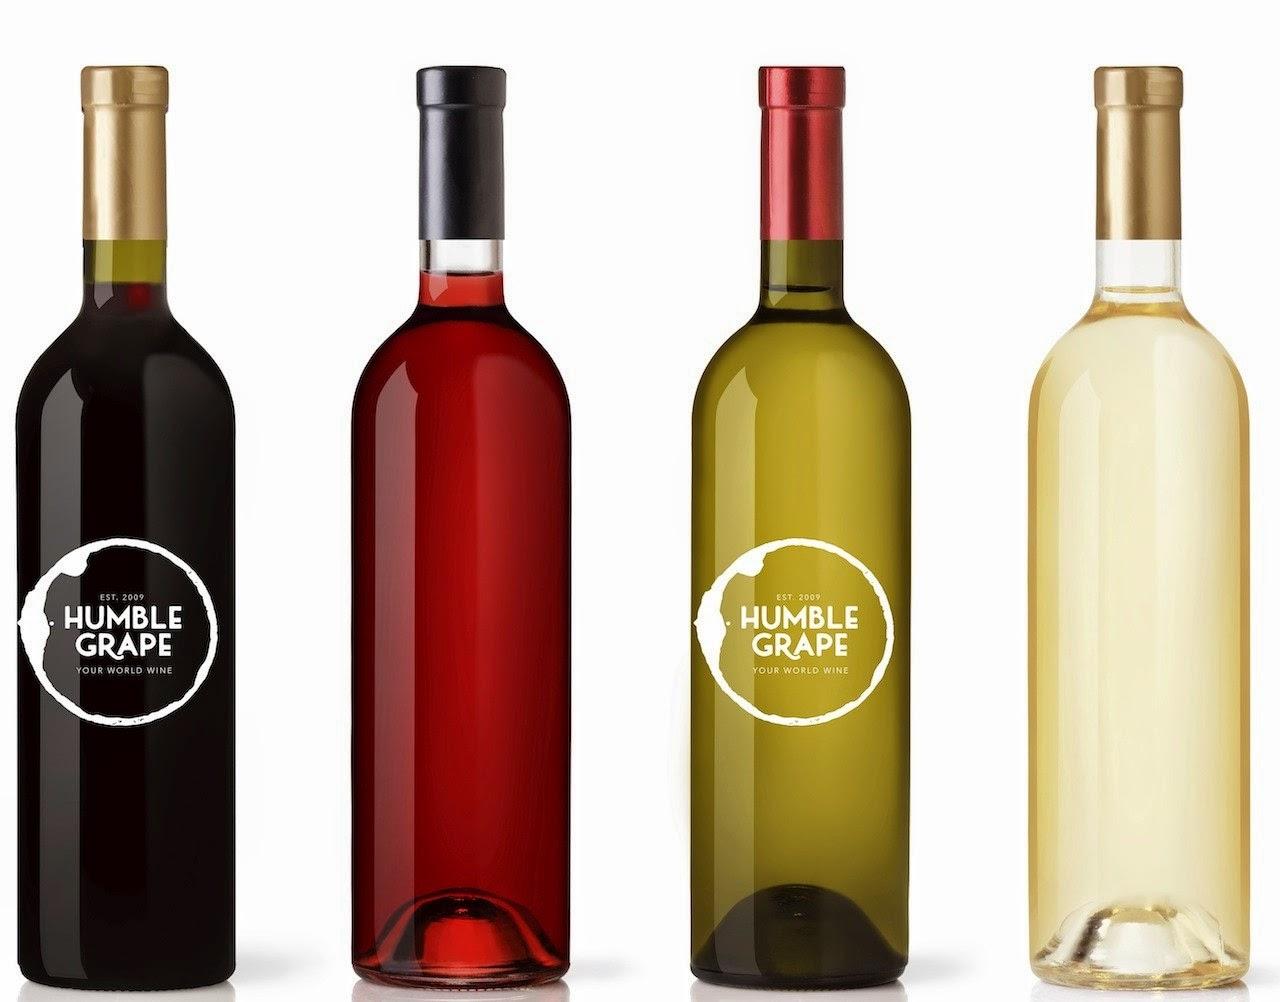 Humble grape wine